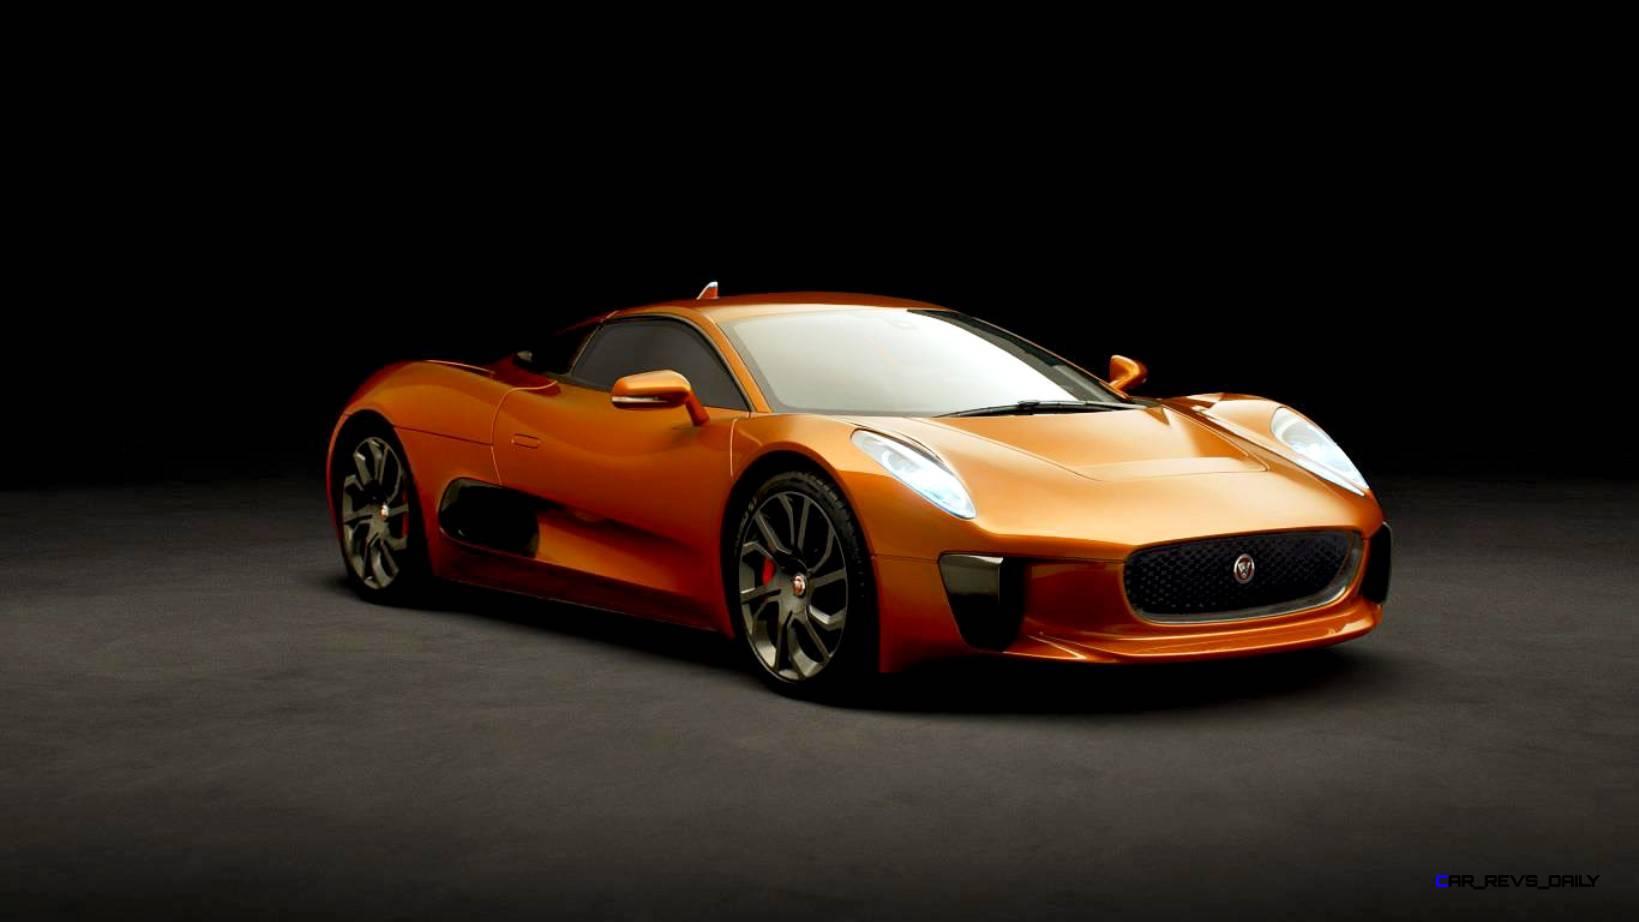 007 spectre bond cars jaguar cx 75 orange 6 click to open largest resolution image publicscrutiny Images